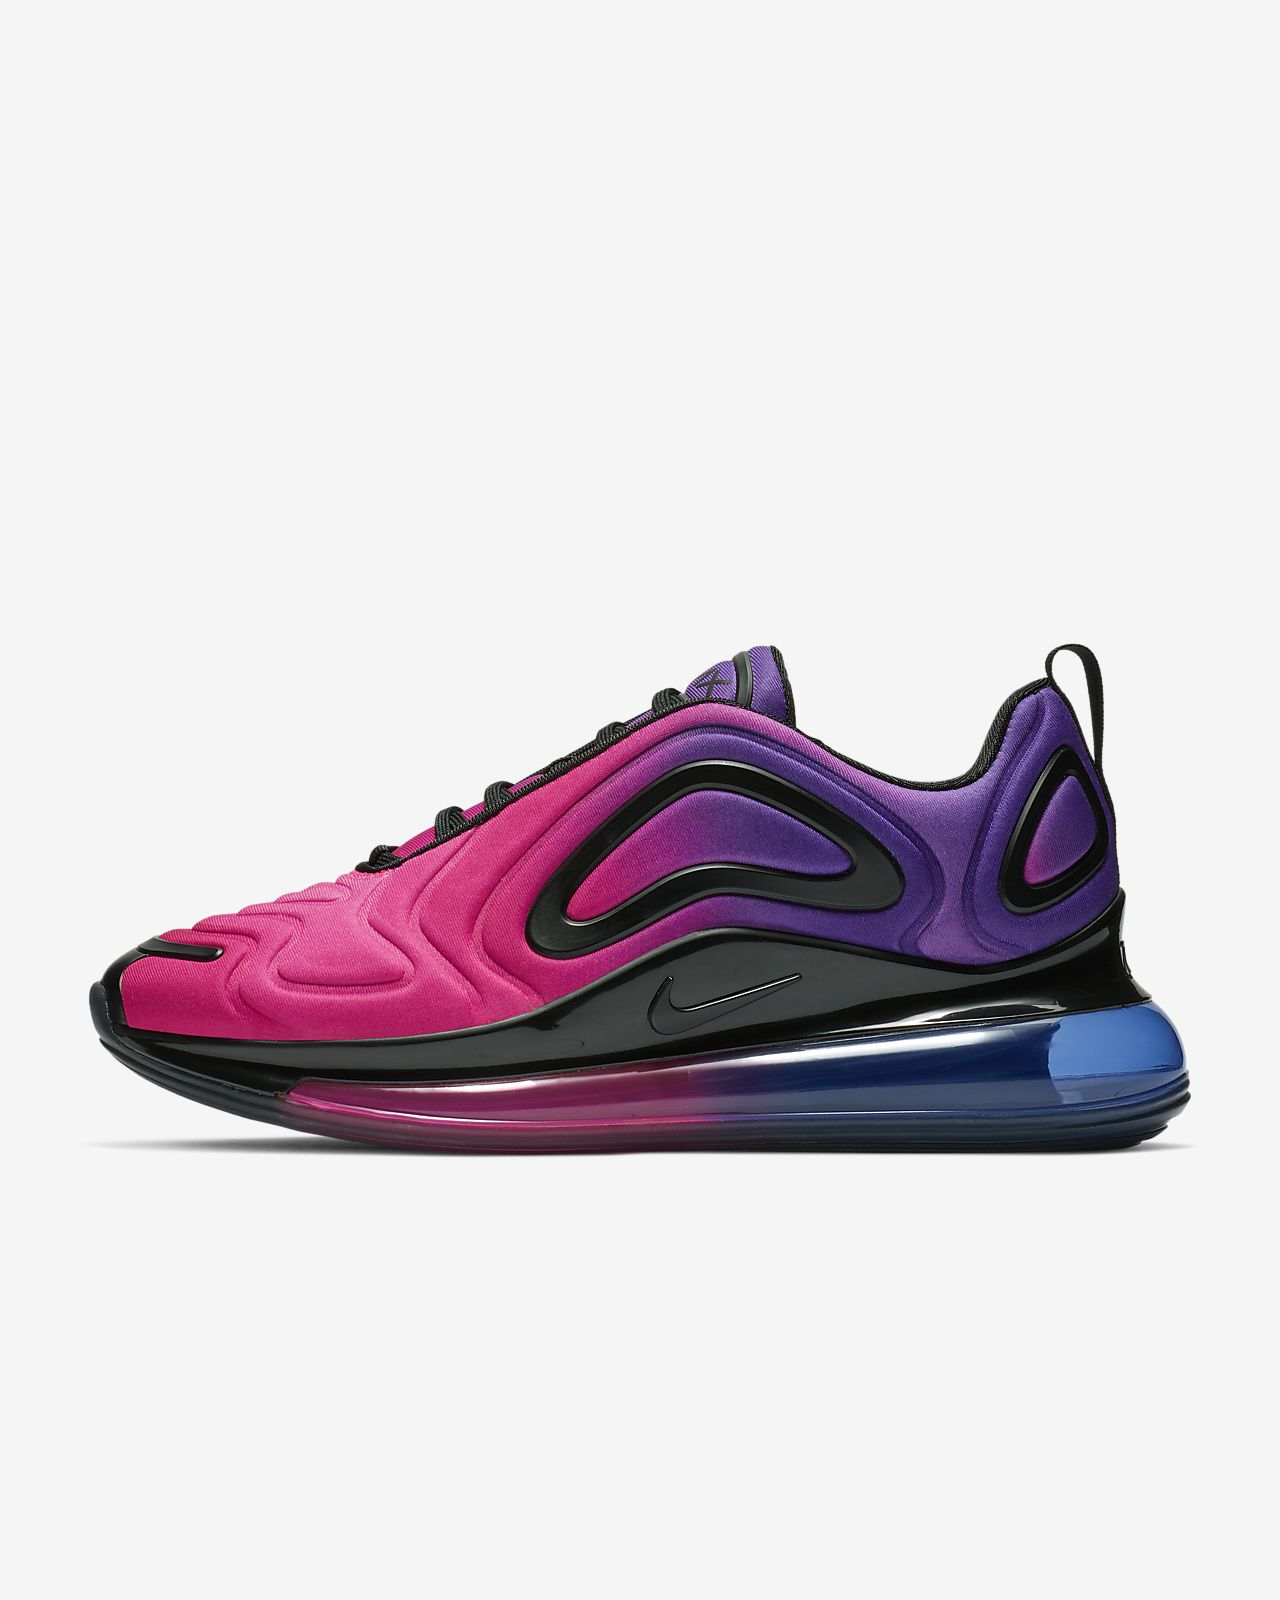 promo code 17049 82010 Nike Air Max 720